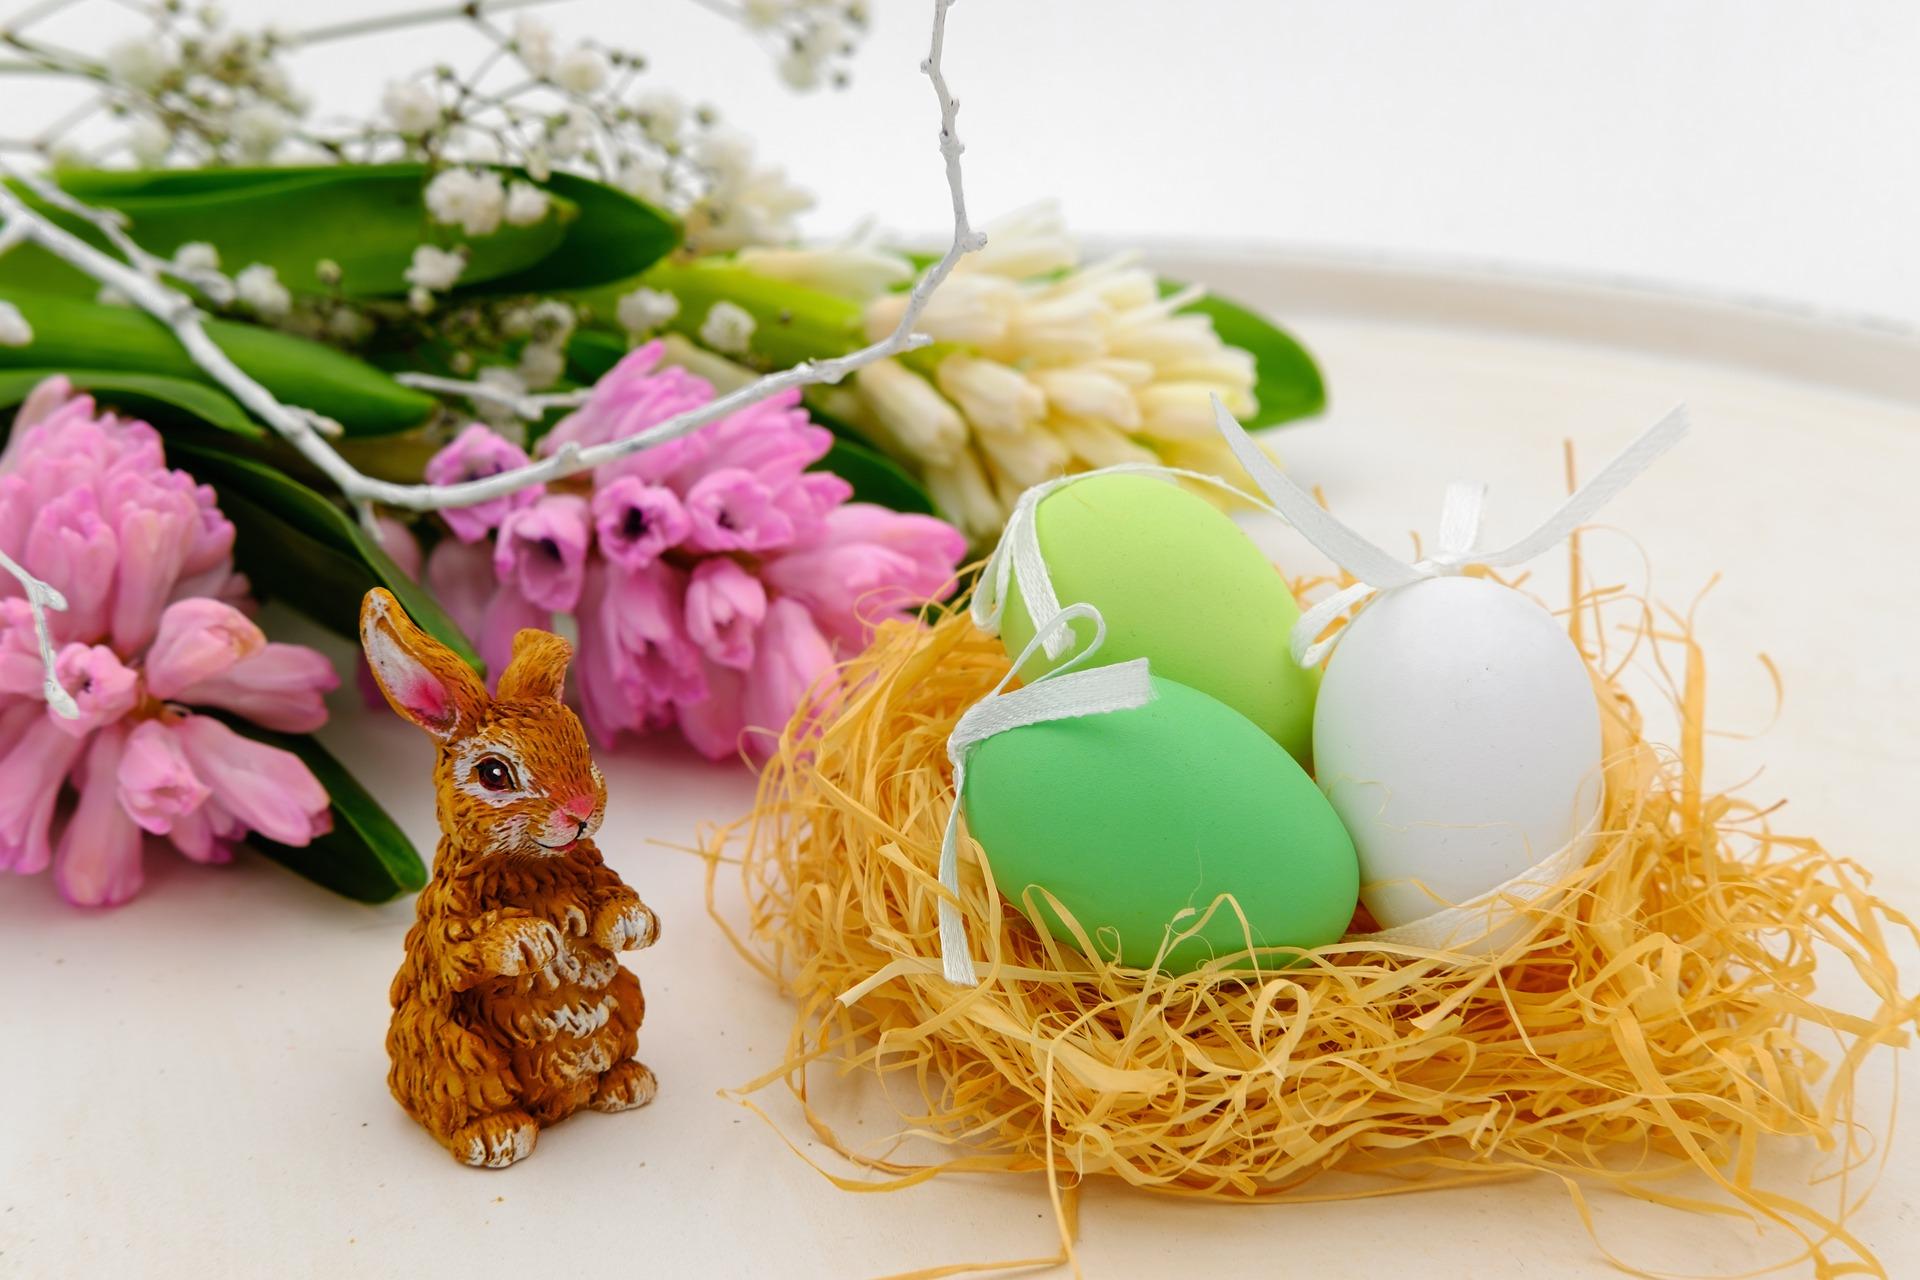 easter-eggs-3257098_1920.jpg